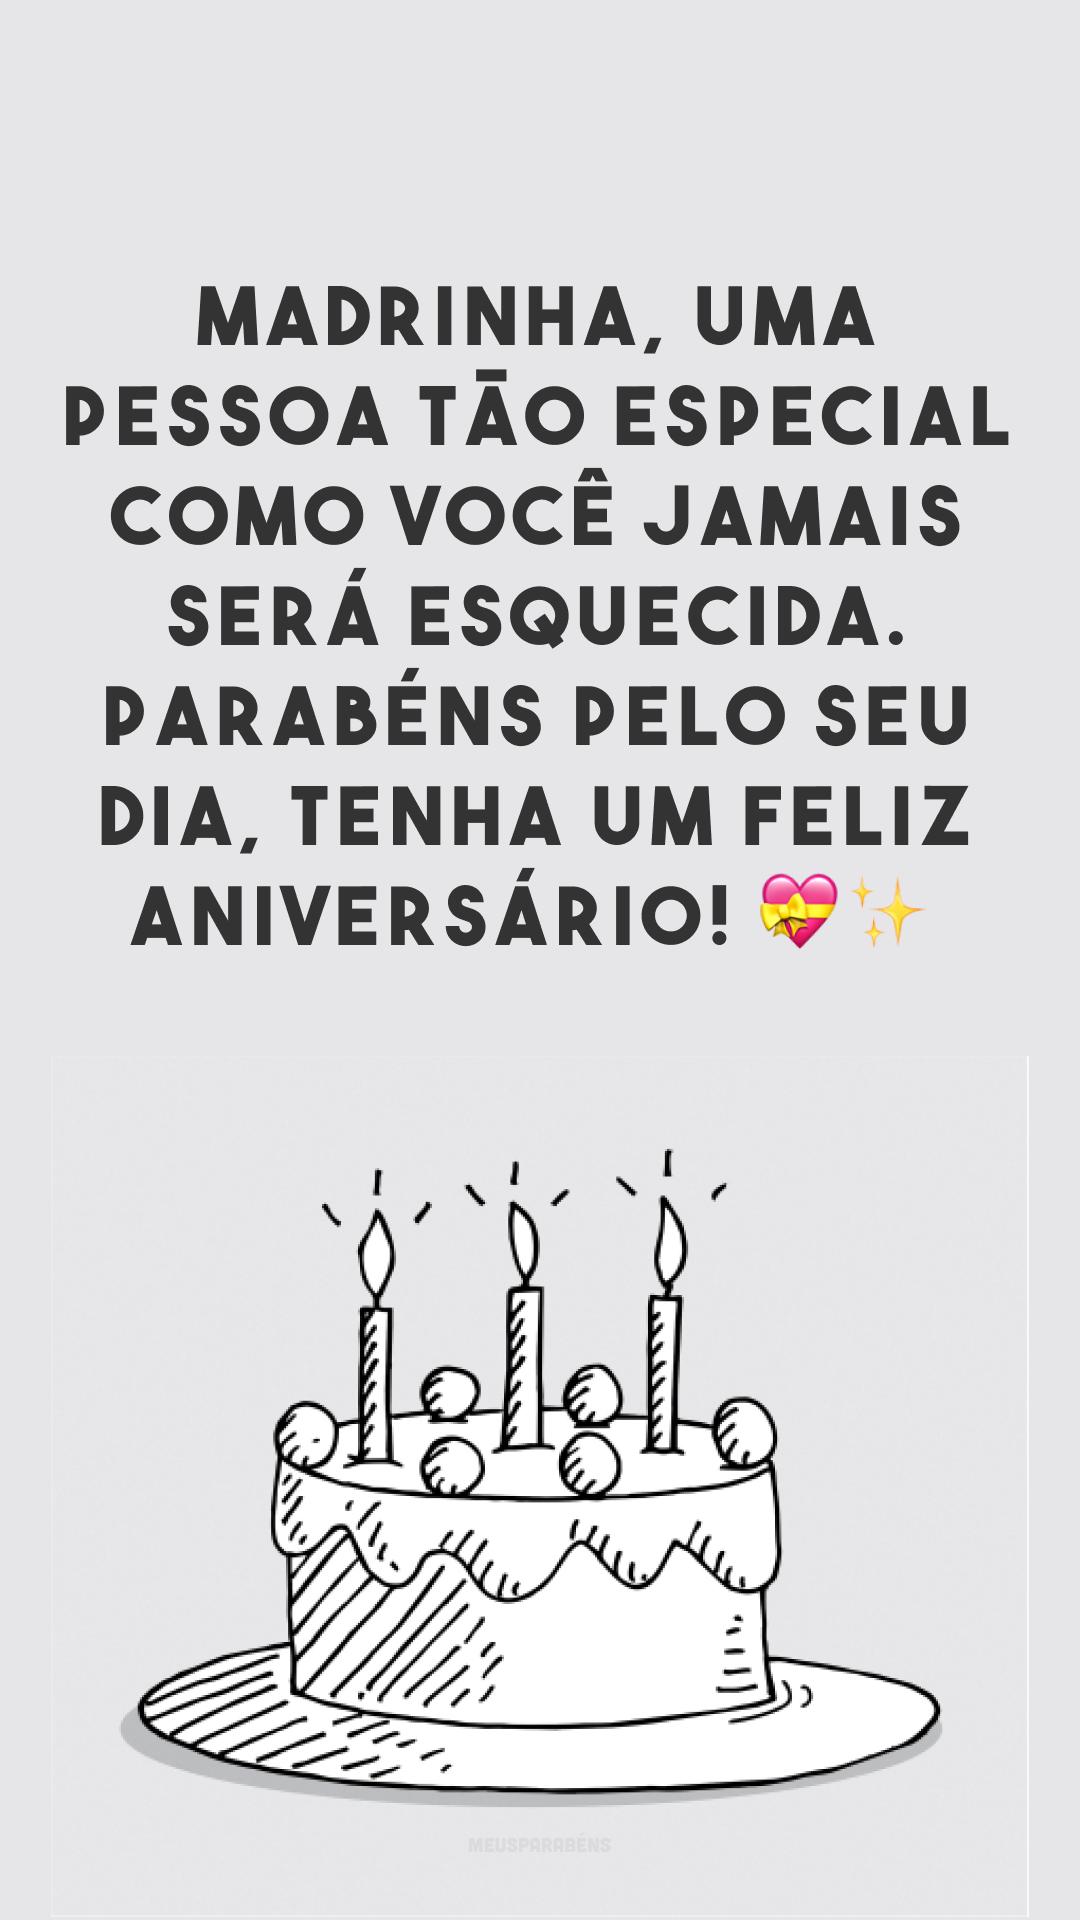 Madrinha, uma pessoa tão especial como você jamais será esquecida. Parabéns pelo seu dia, tenha um feliz aniversário! 💝✨<br />